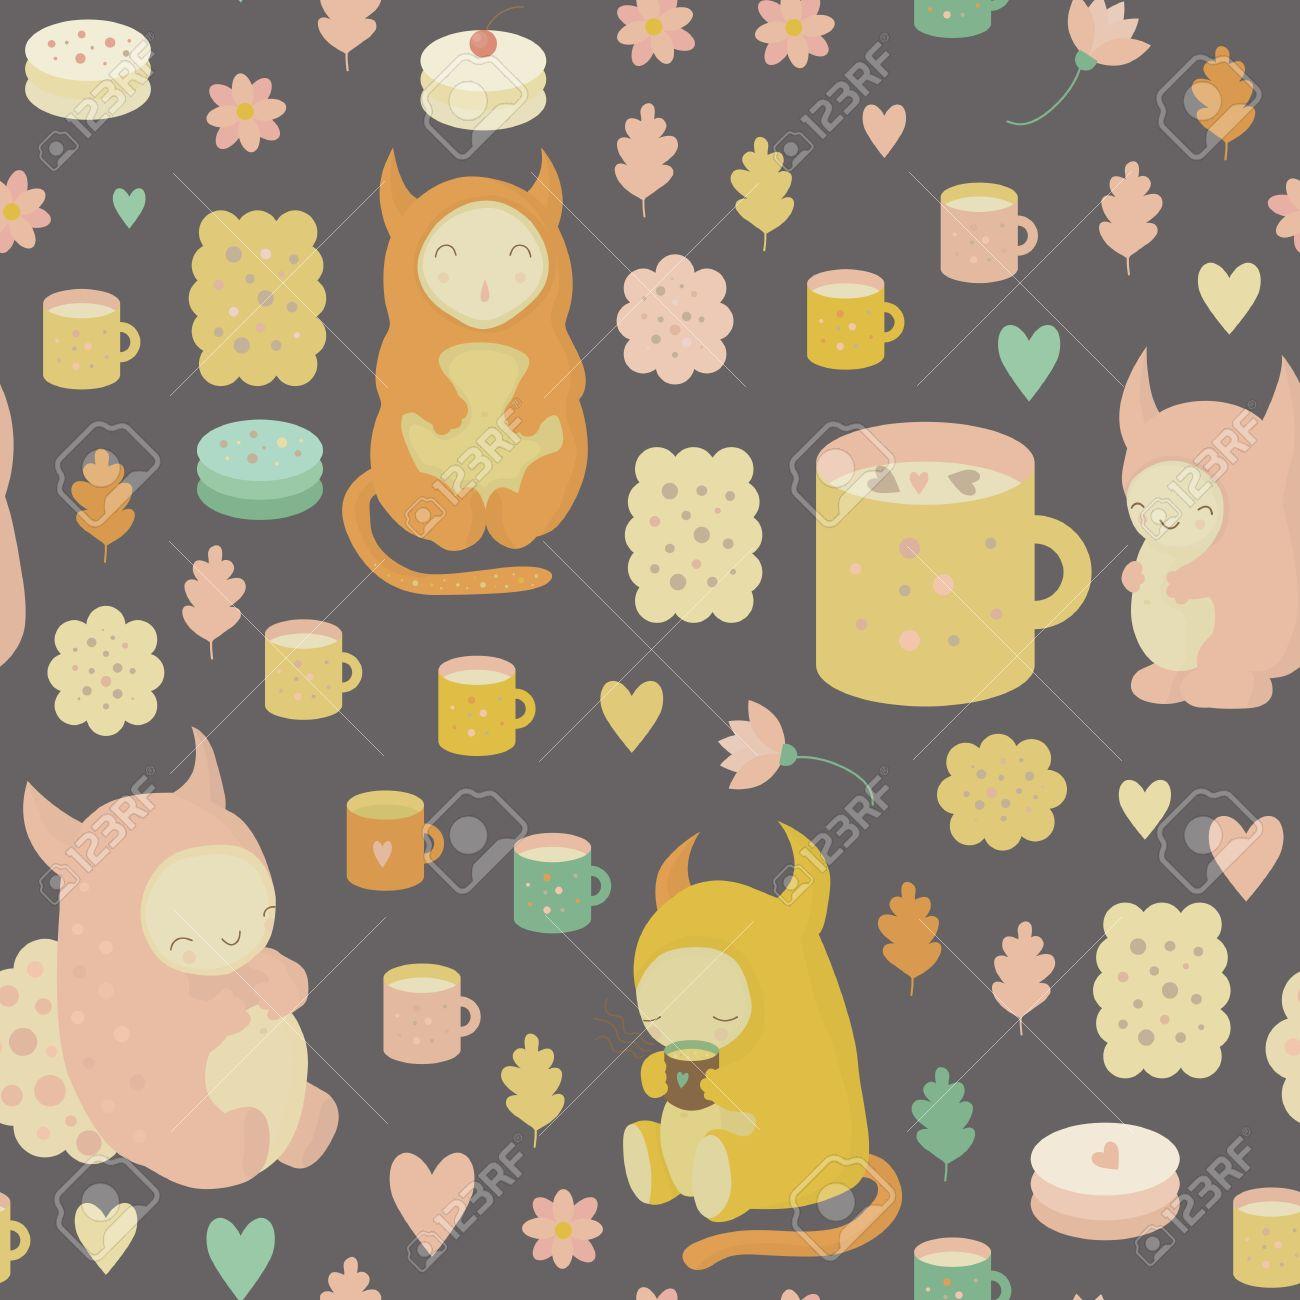 かわいいモンスター 紅茶 マグカップ クッキー ケーキ ココア ベクターの花と幼稚な夢のようなシームレスな背景 壁紙 テキスタイル ファブリック ウェブの背景のためのシームレスなパターンを使用できます のイラスト素材 ベクタ Image